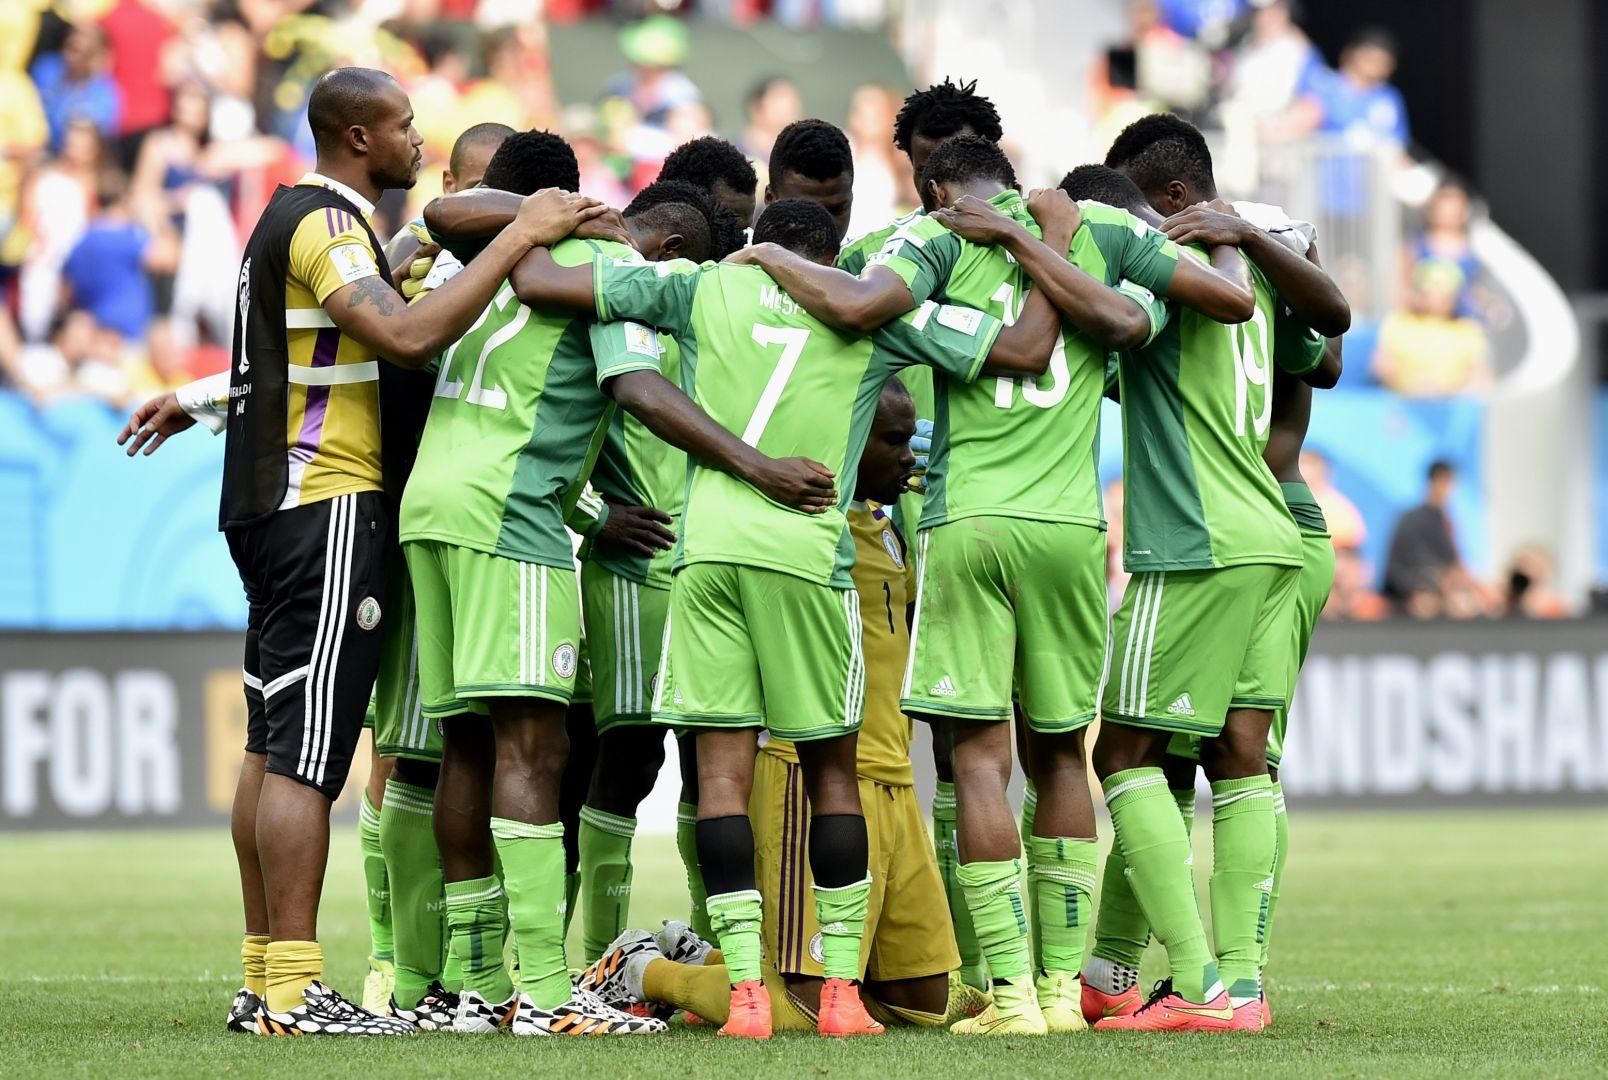 Камерун на Нигерия матч прогноз